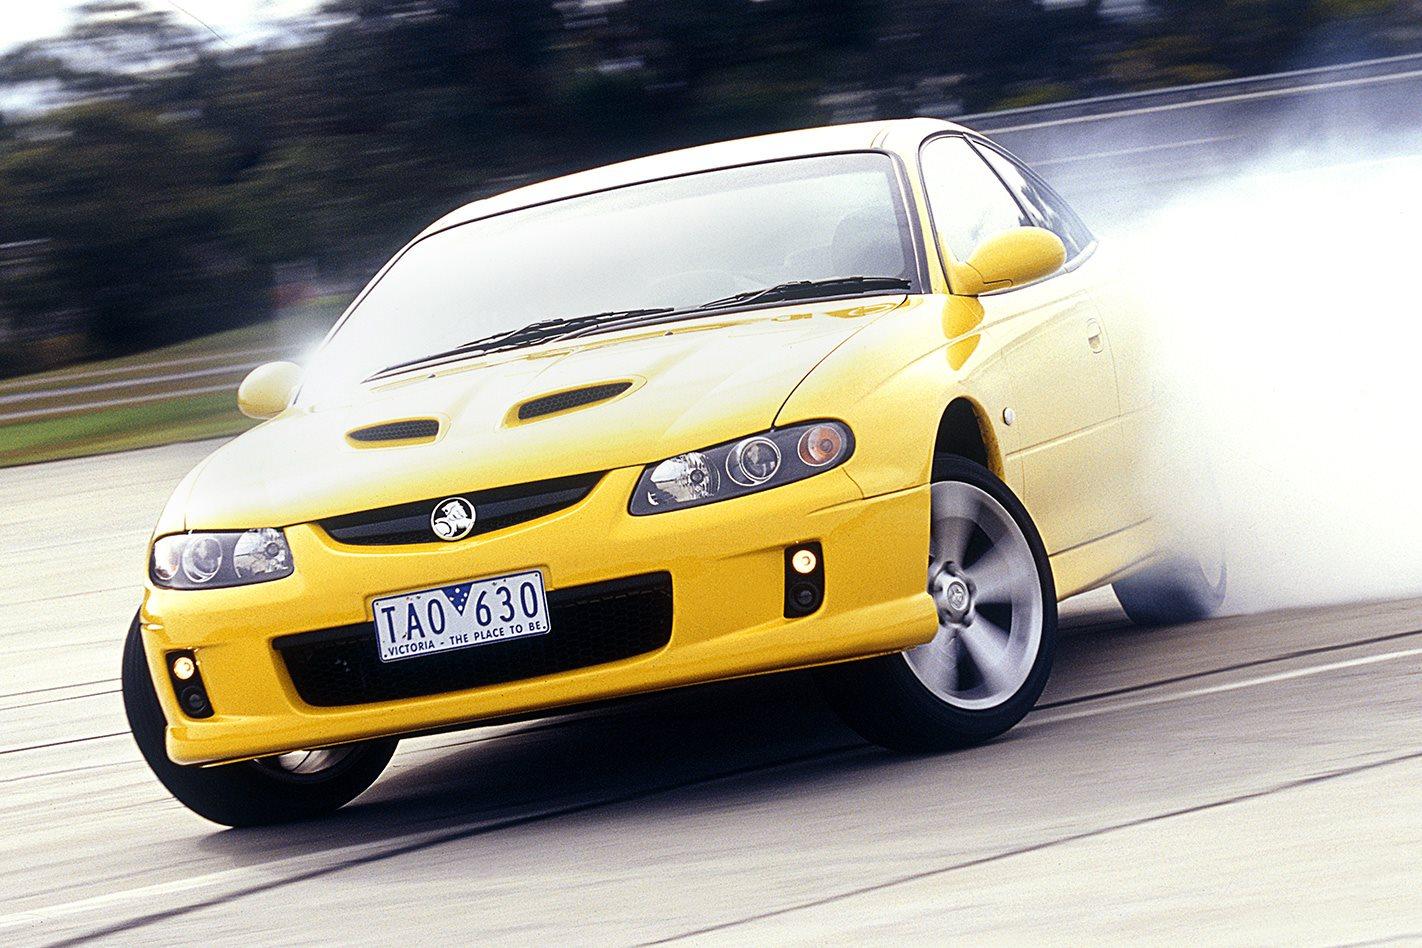 2004 Holden Monaro VZ review: Classic MOTOR